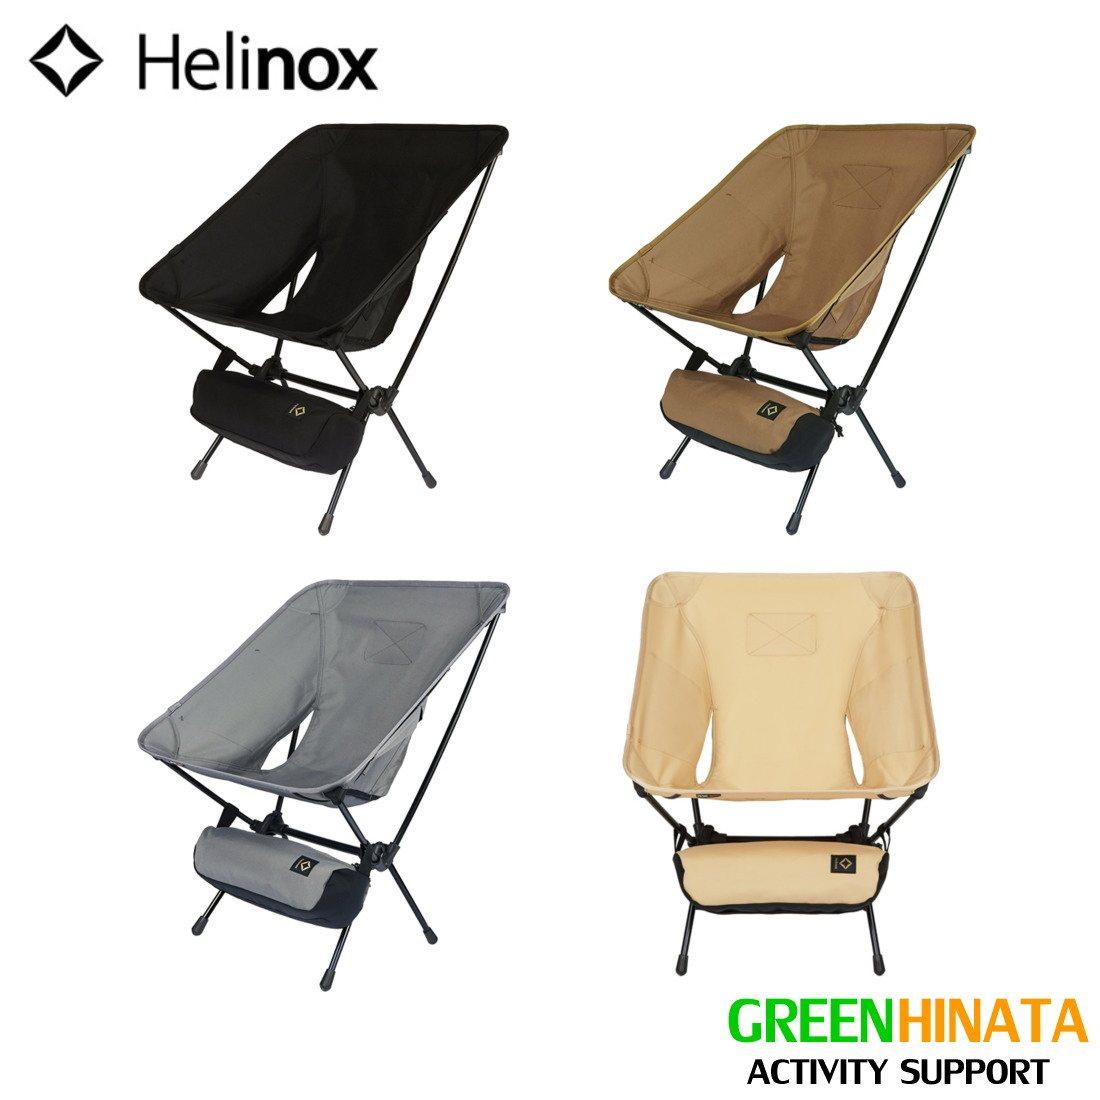 【国内正規品】 ヘリノックス タクティカルチェア 折りたたみ椅子 HELINOX HelinoxTac Tctical chair チェアー